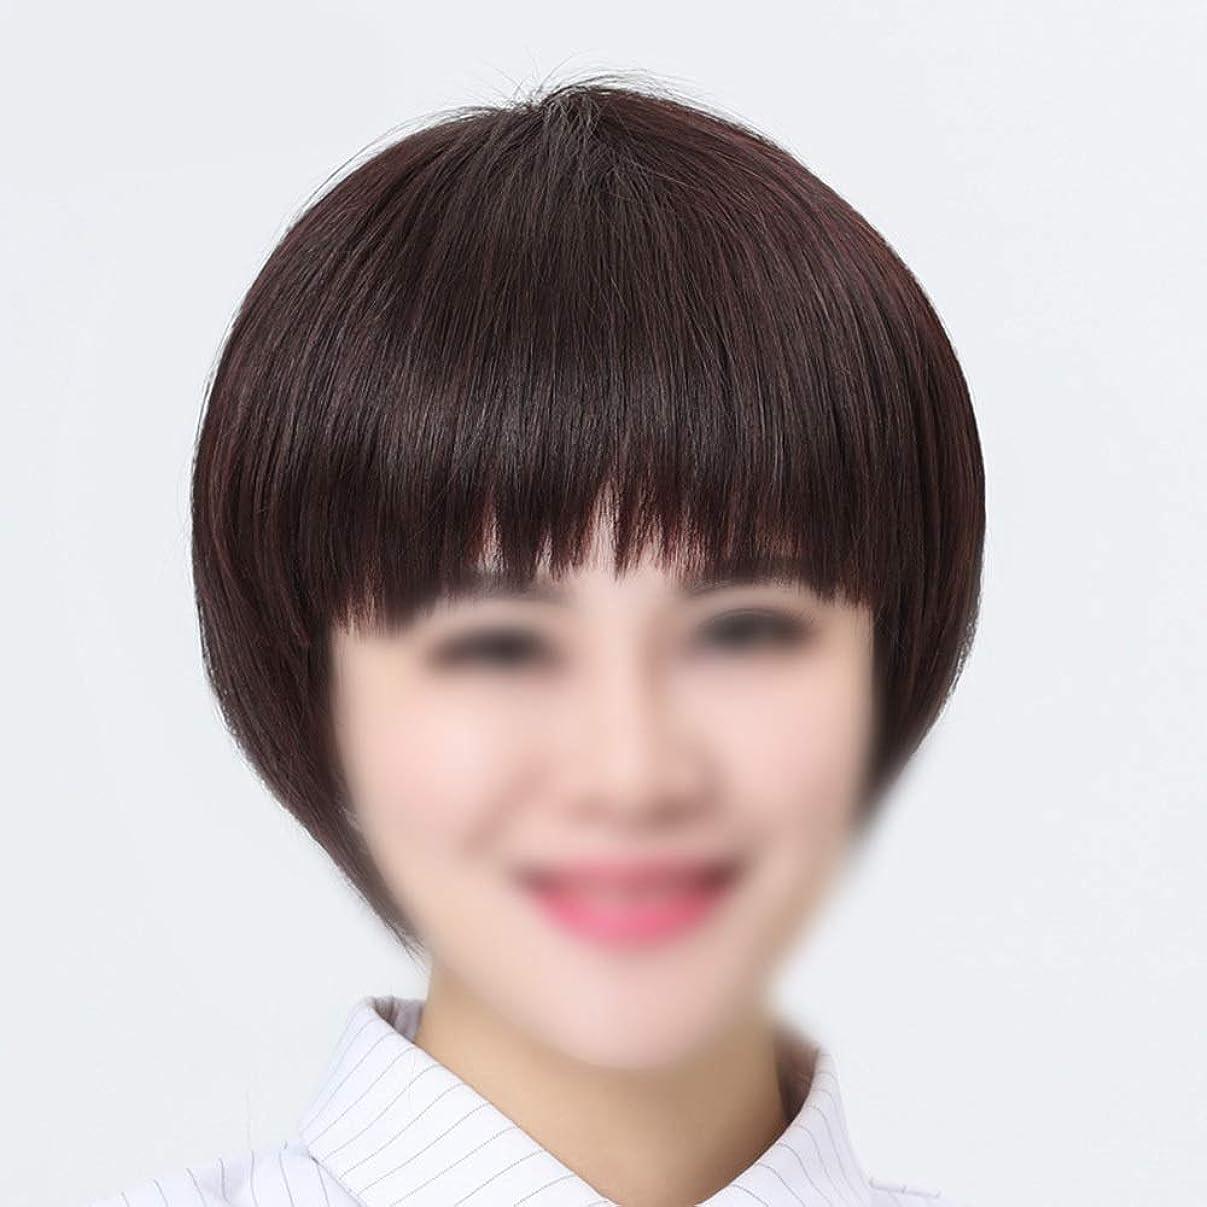 クリエイティブ思い出す特別なHOHYLLYA 女性の短いストレートヘア中年のかつら本物の髪の女性の母親の髪かつらパーティーのかつら (色 : Dark brown, サイズ : Mechanism)